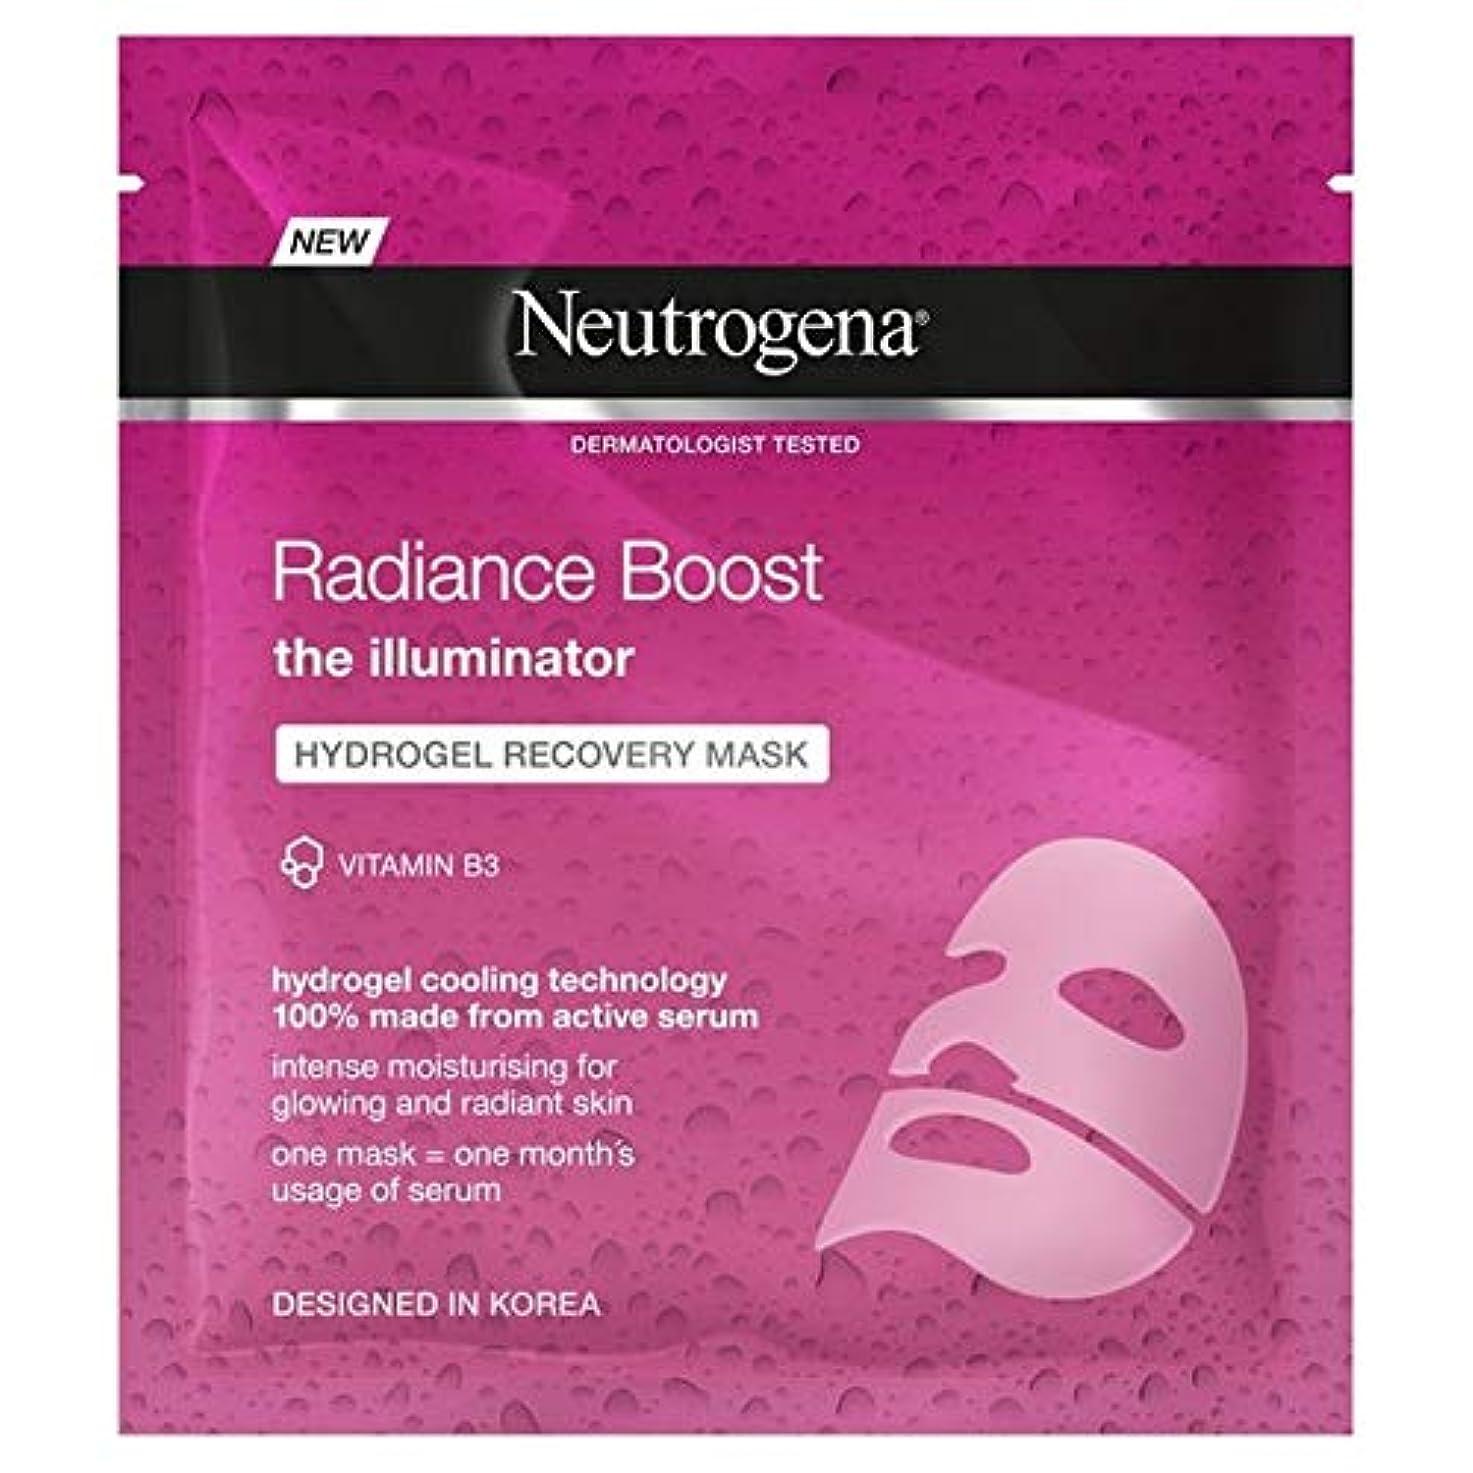 先生十分に分解する[Neutrogena] ニュートロジーナ放射輝度ブーストハイドロゲルマスク30ミリリットル - Neutrogena Radiance Boost Hydrogel Mask 30ml [並行輸入品]